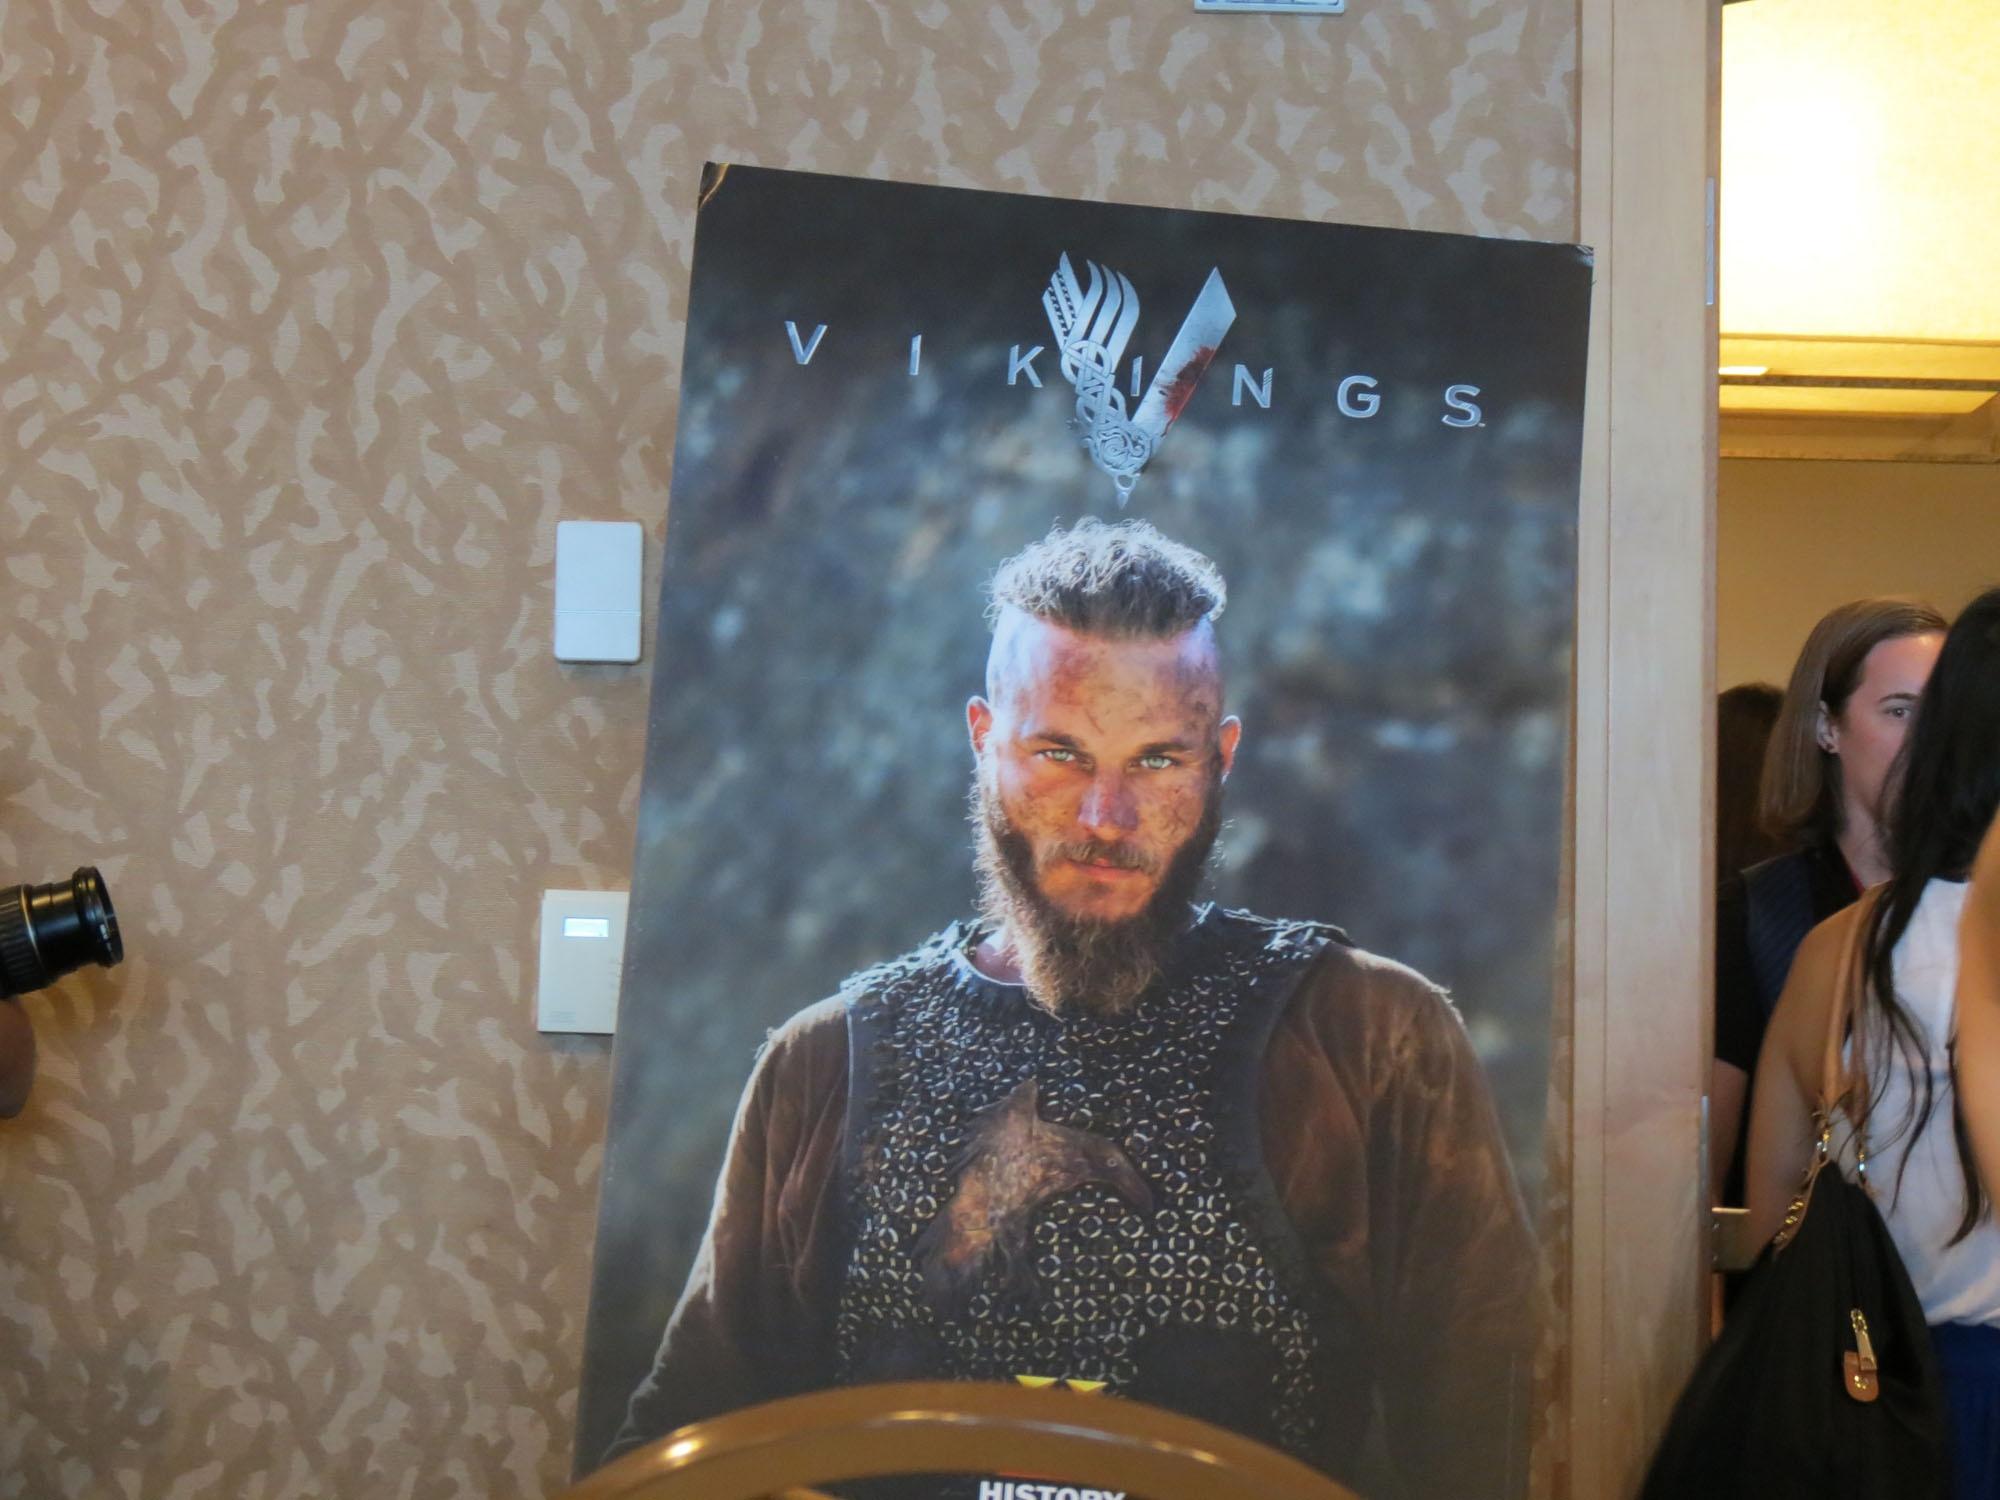 <em>Vikings!</em>